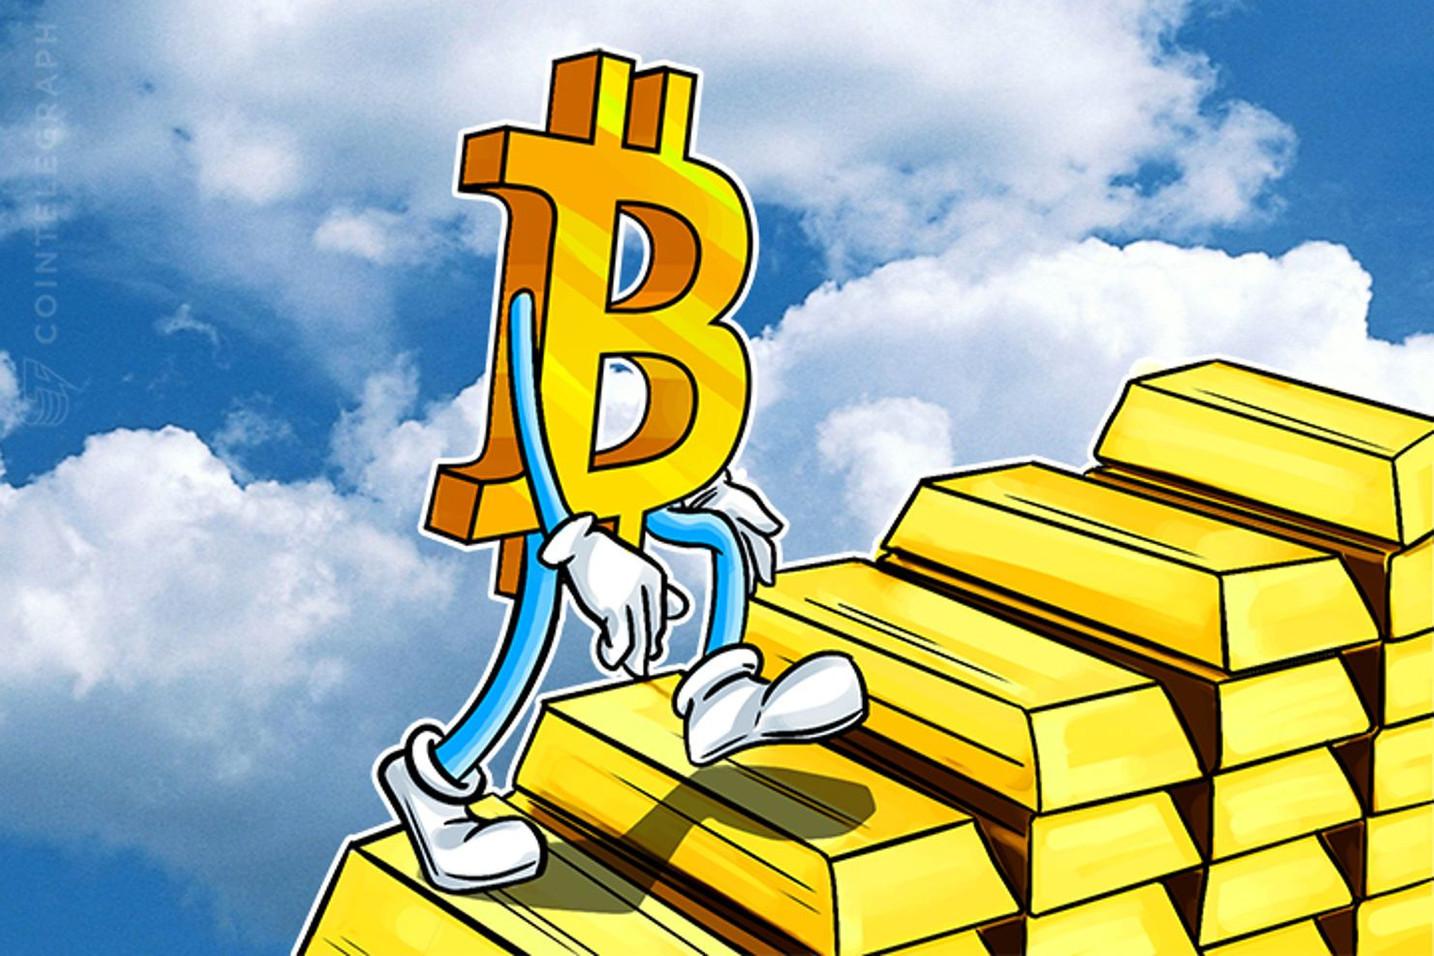 「外の世界が変わっただけ」仮想通貨ビットコインと金の相関アップの兆候も